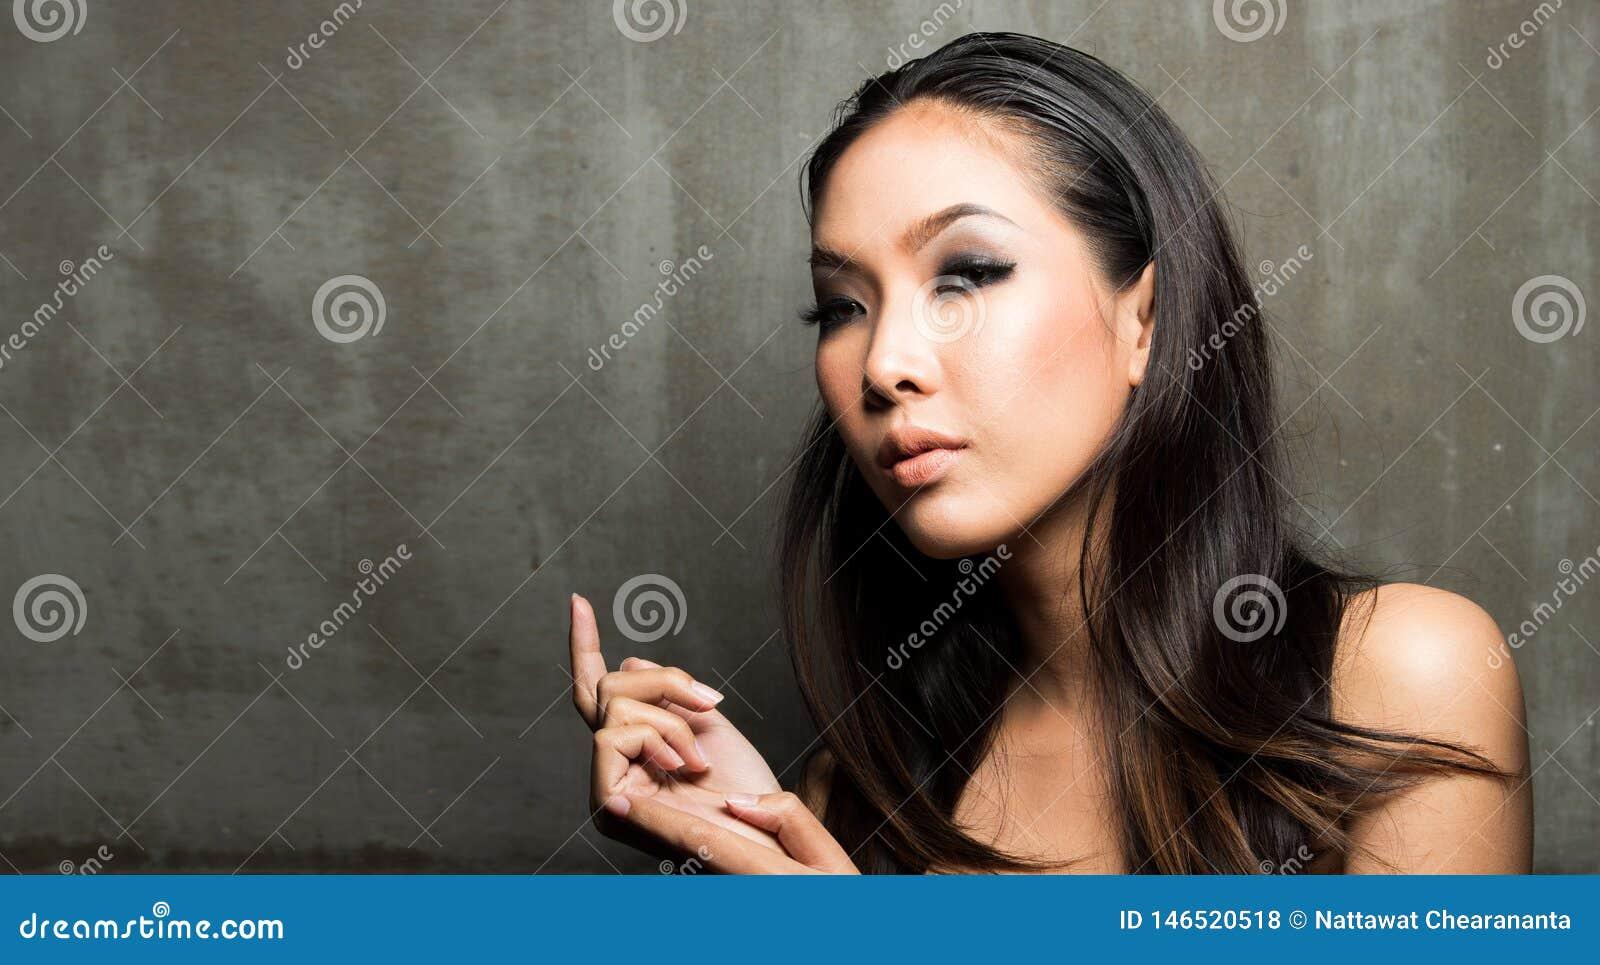 El hombro abierto de la mujer, moda compone mirada mojada